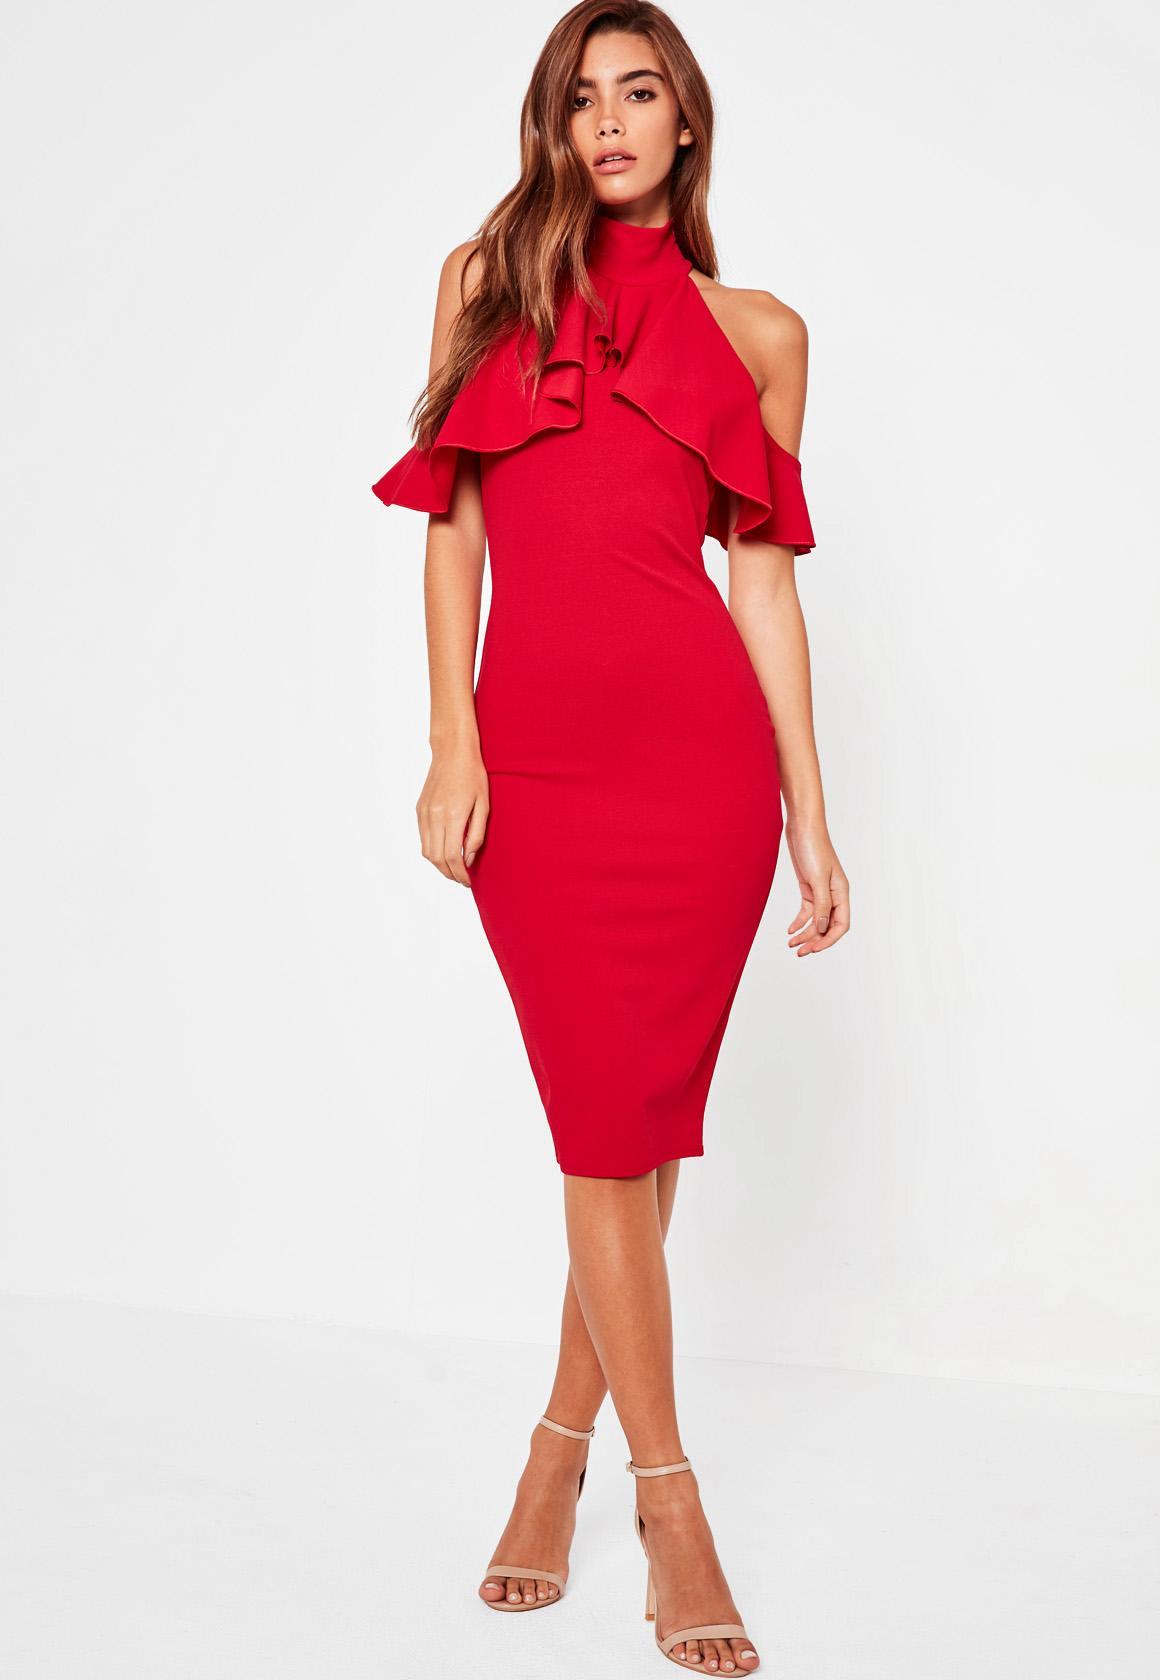 f78af39144 MISSGUIDED Ołówkowa Sukienka Elegancka Czerwona 36 - 7194274924 - oficjalne  archiwum allegro